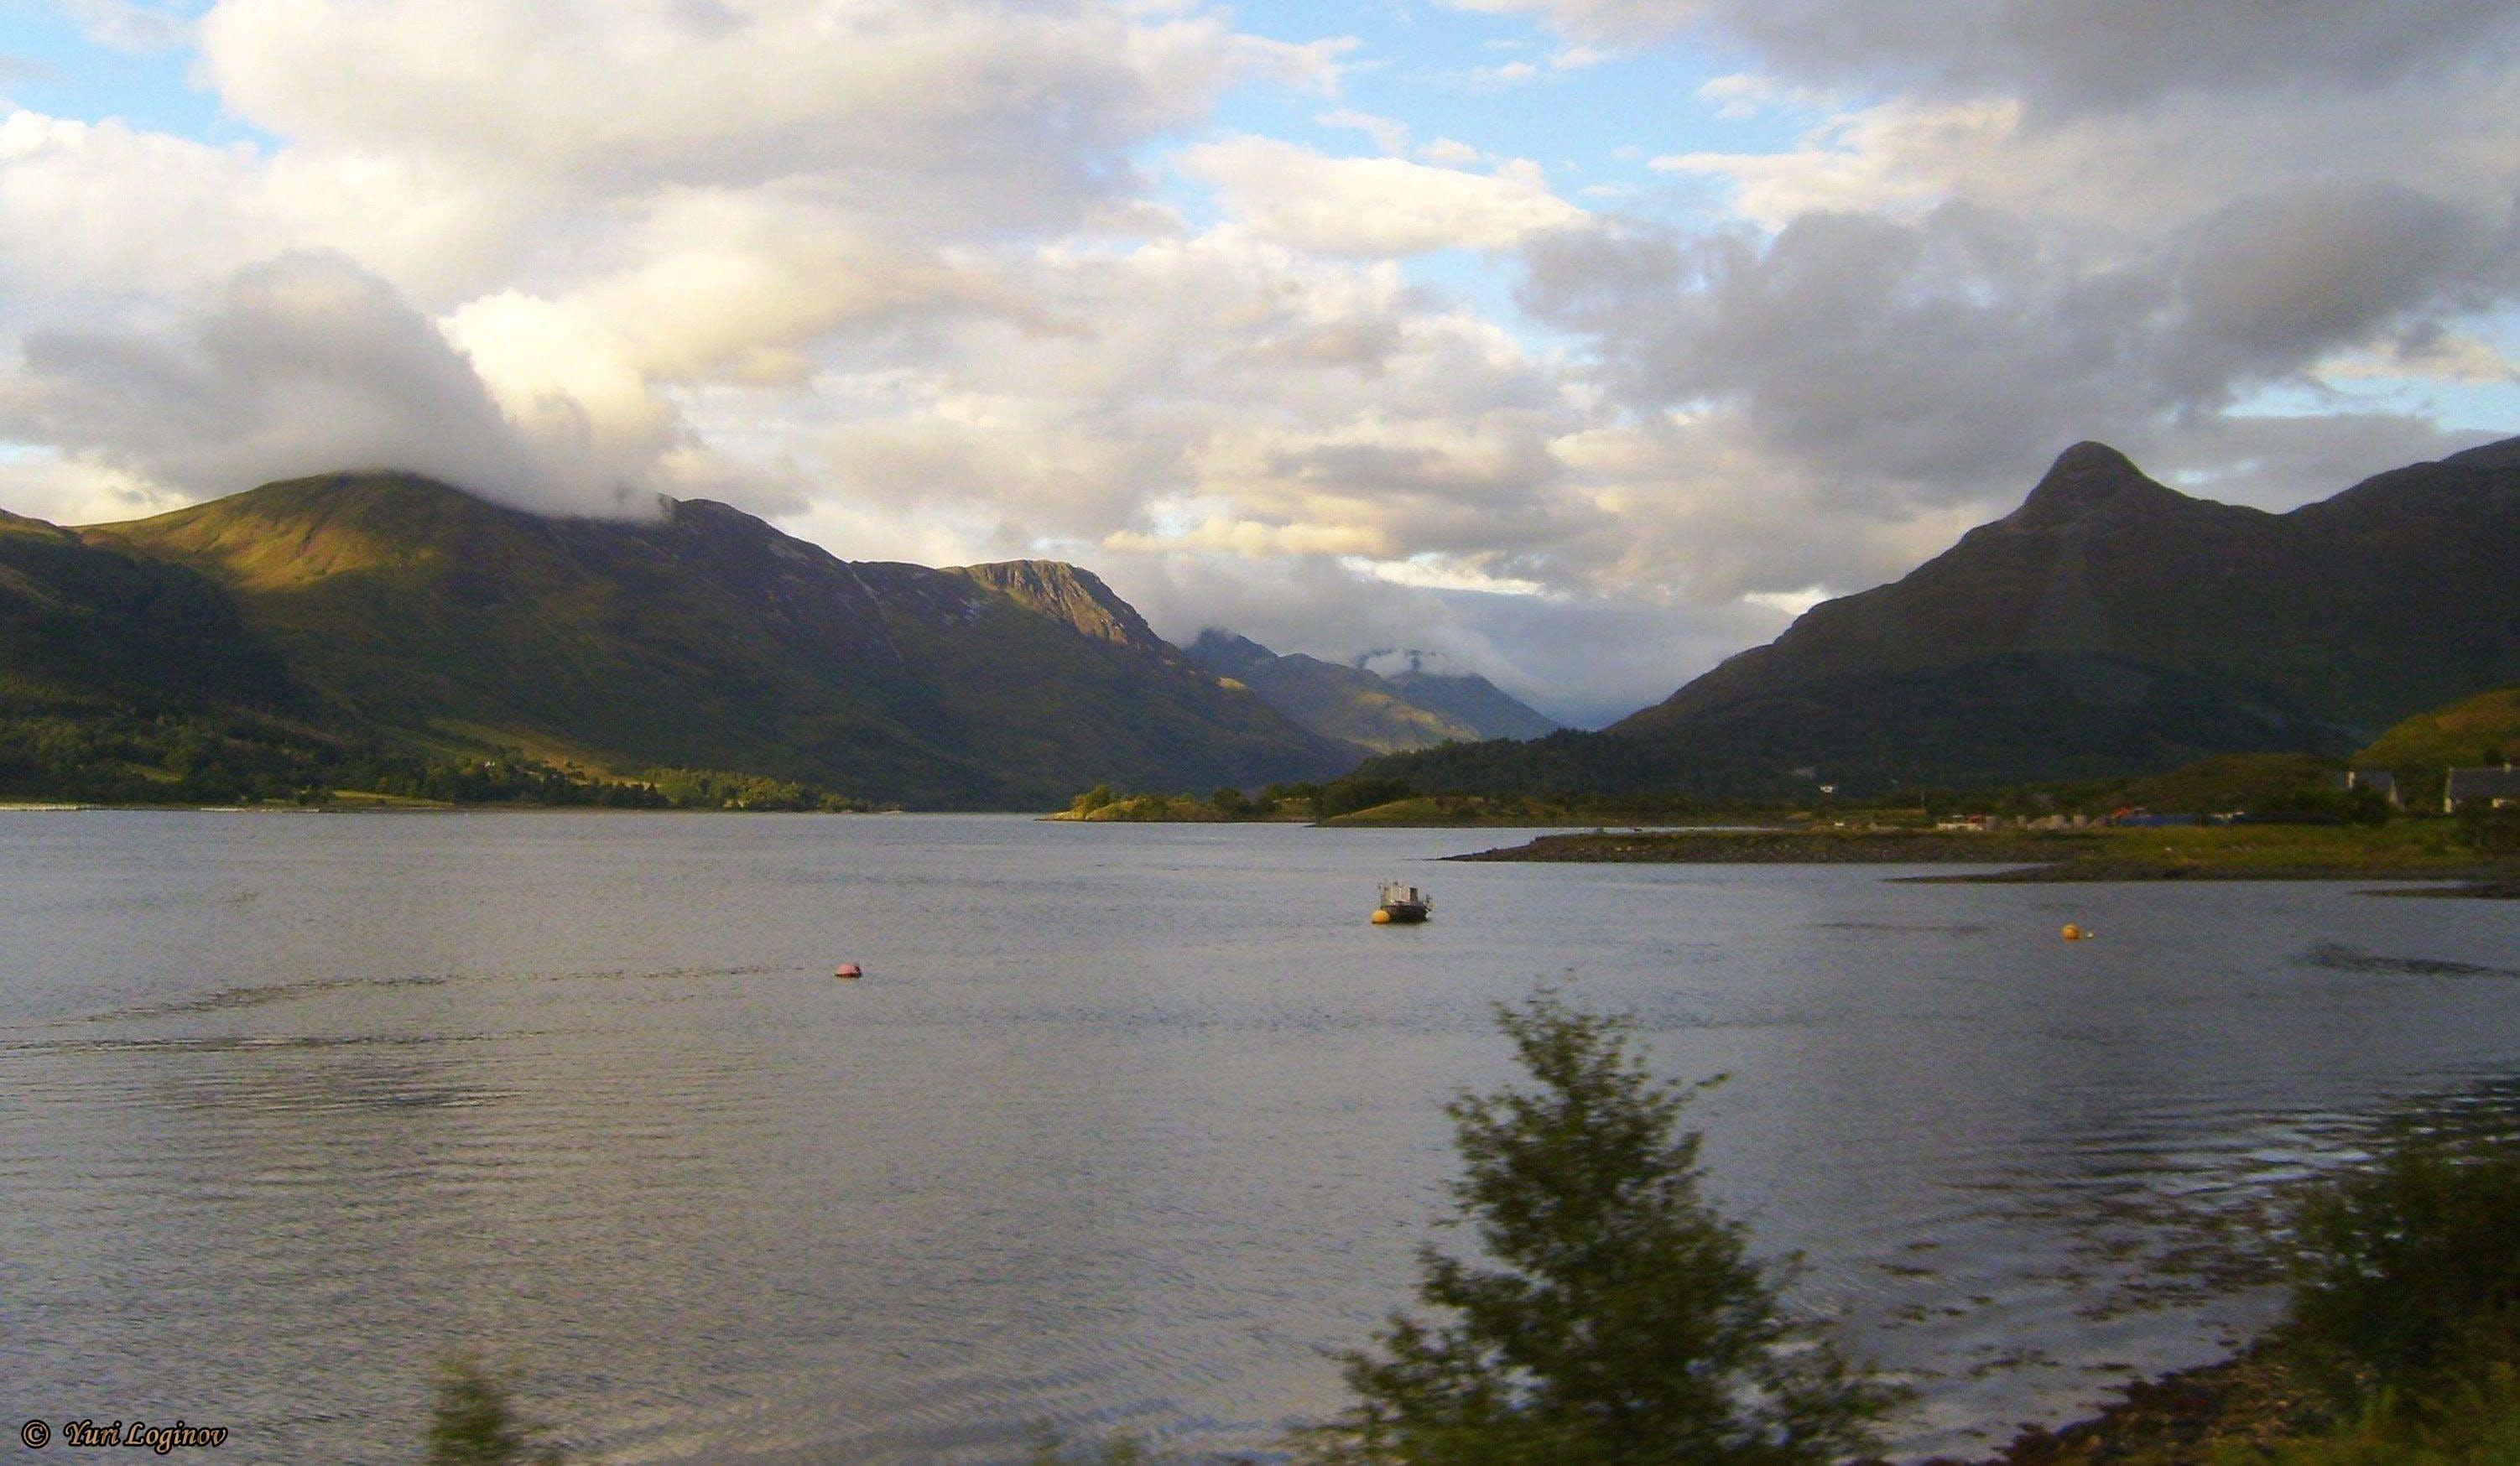 Free stock photo of Ben Lomond, Grampian Mountains, scotland, united kingdom